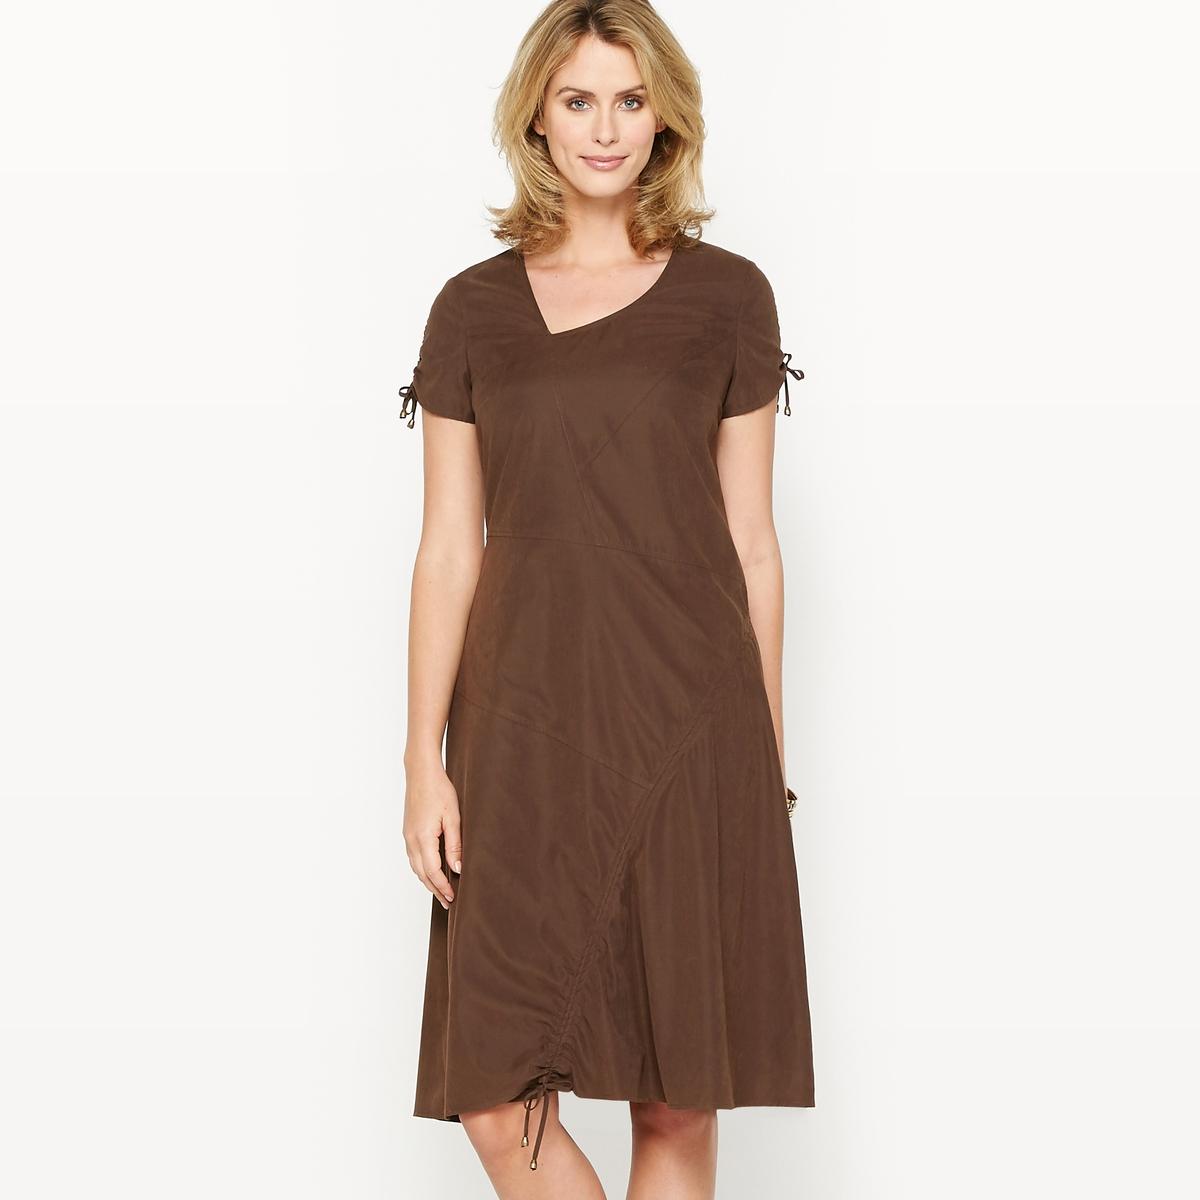 Платье из микрофибры, на ощупь напоминающее кожу персикаСостав и описание :Материал : Микрофибра 90% полиэстера, 10% полиамида, шелковистая ткань с эффектом кожи персика .Подкладка    : 100% полиэстер.Длина 105 см.Марка : Anne Weyburn. Уход :Машинная стирка при 30° на умеренном режиме, с изнанки, с одеждой подобного цвета.Гладить при низкой температуре с изнаночной стороны.<br><br>Цвет: каштановый<br>Размер: 38 (FR) - 44 (RUS).50 (FR) - 56 (RUS).48 (FR) - 54 (RUS).46 (FR) - 52 (RUS).42 (FR) - 48 (RUS)